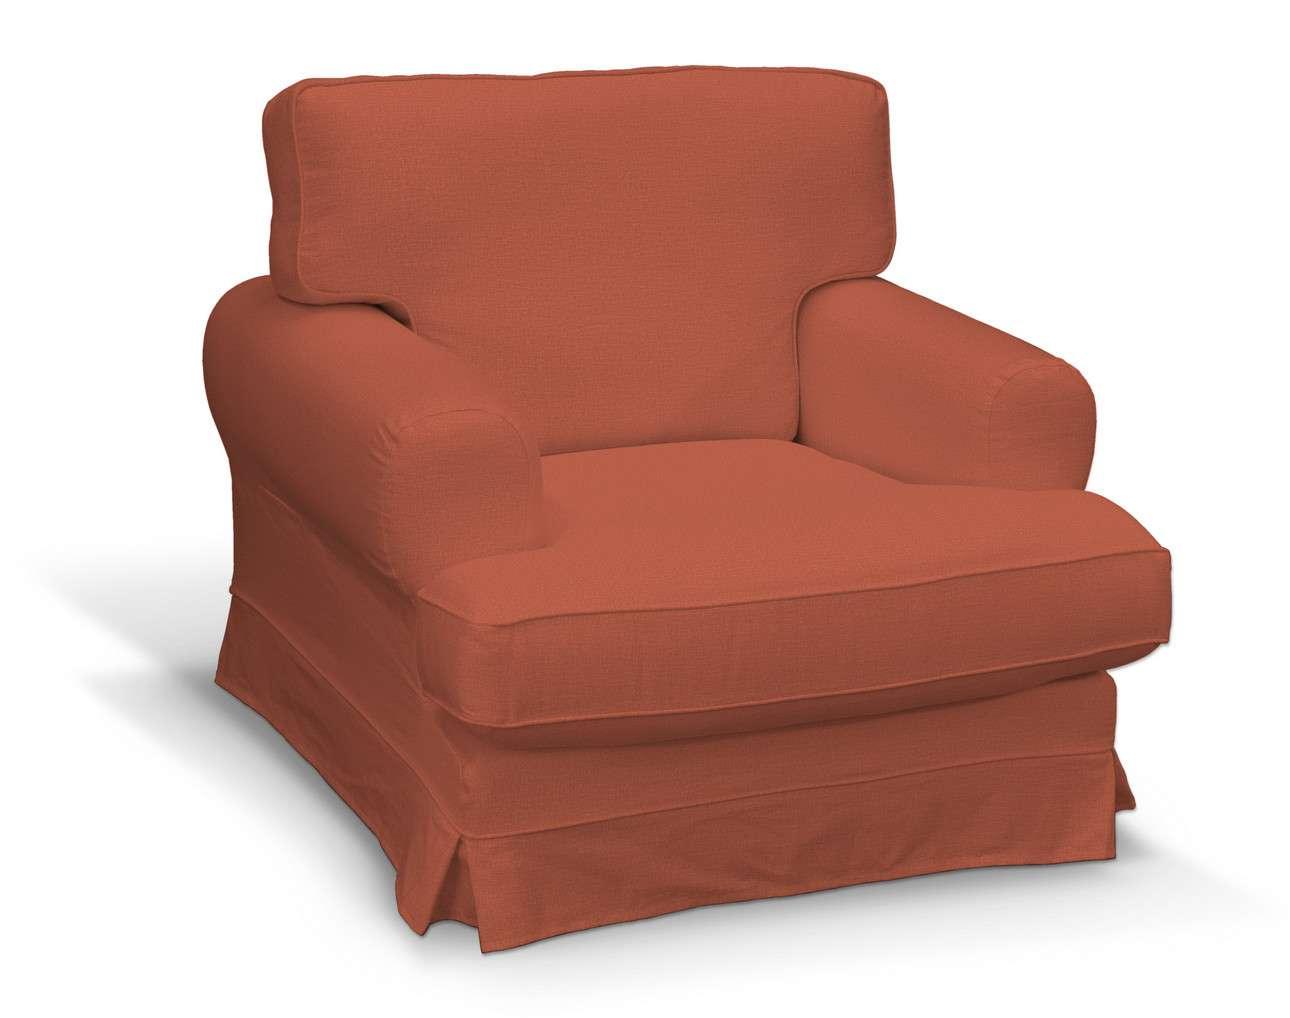 Bezug für Ekeskog Sessel von der Kollektion Ingrid, Stoff: 705-37